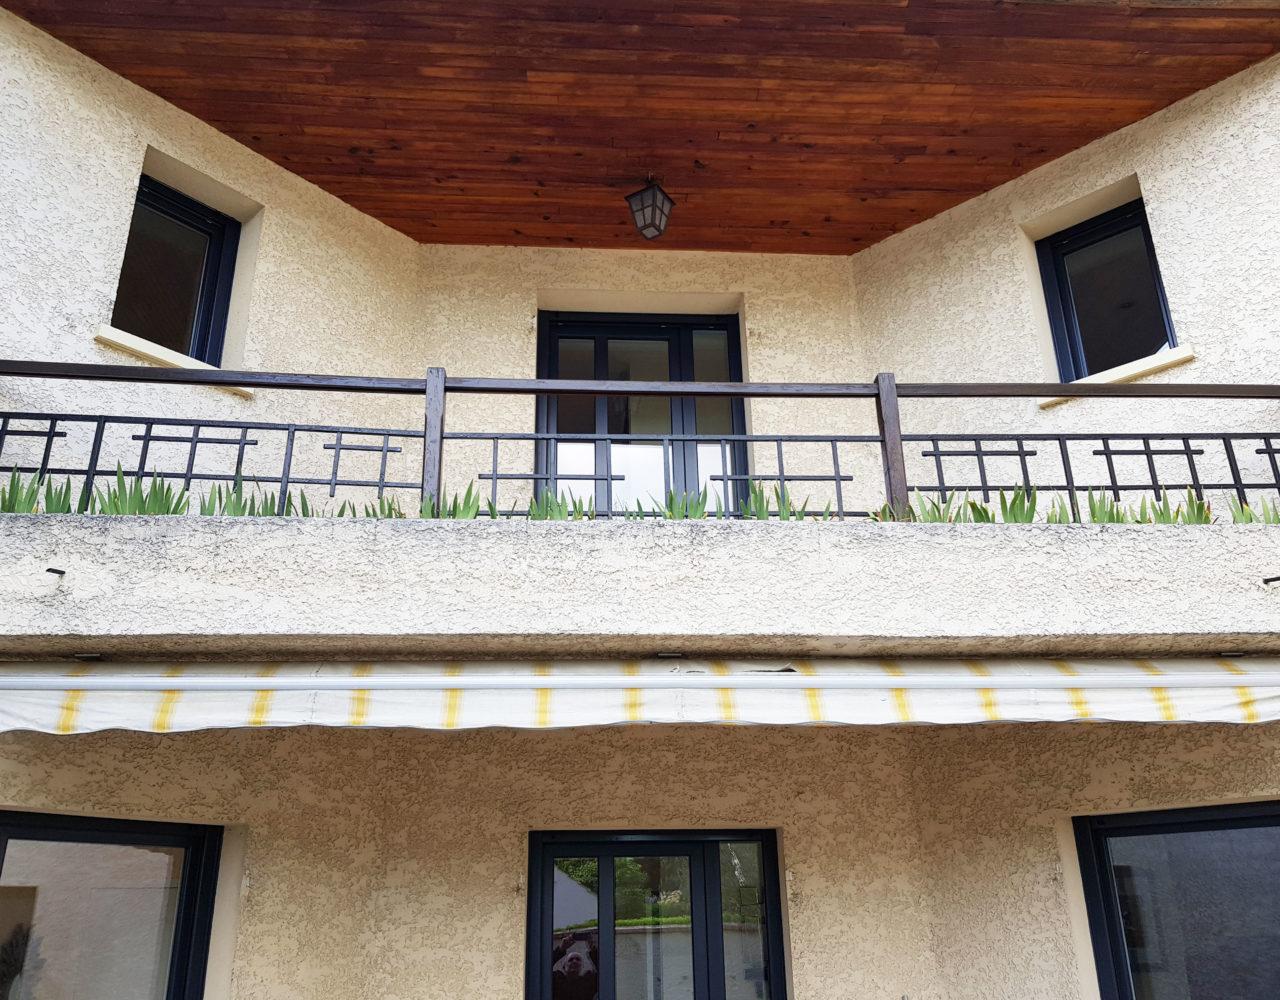 Fenêtre et porte fenêtres ouverture à la française façade extérieure maison